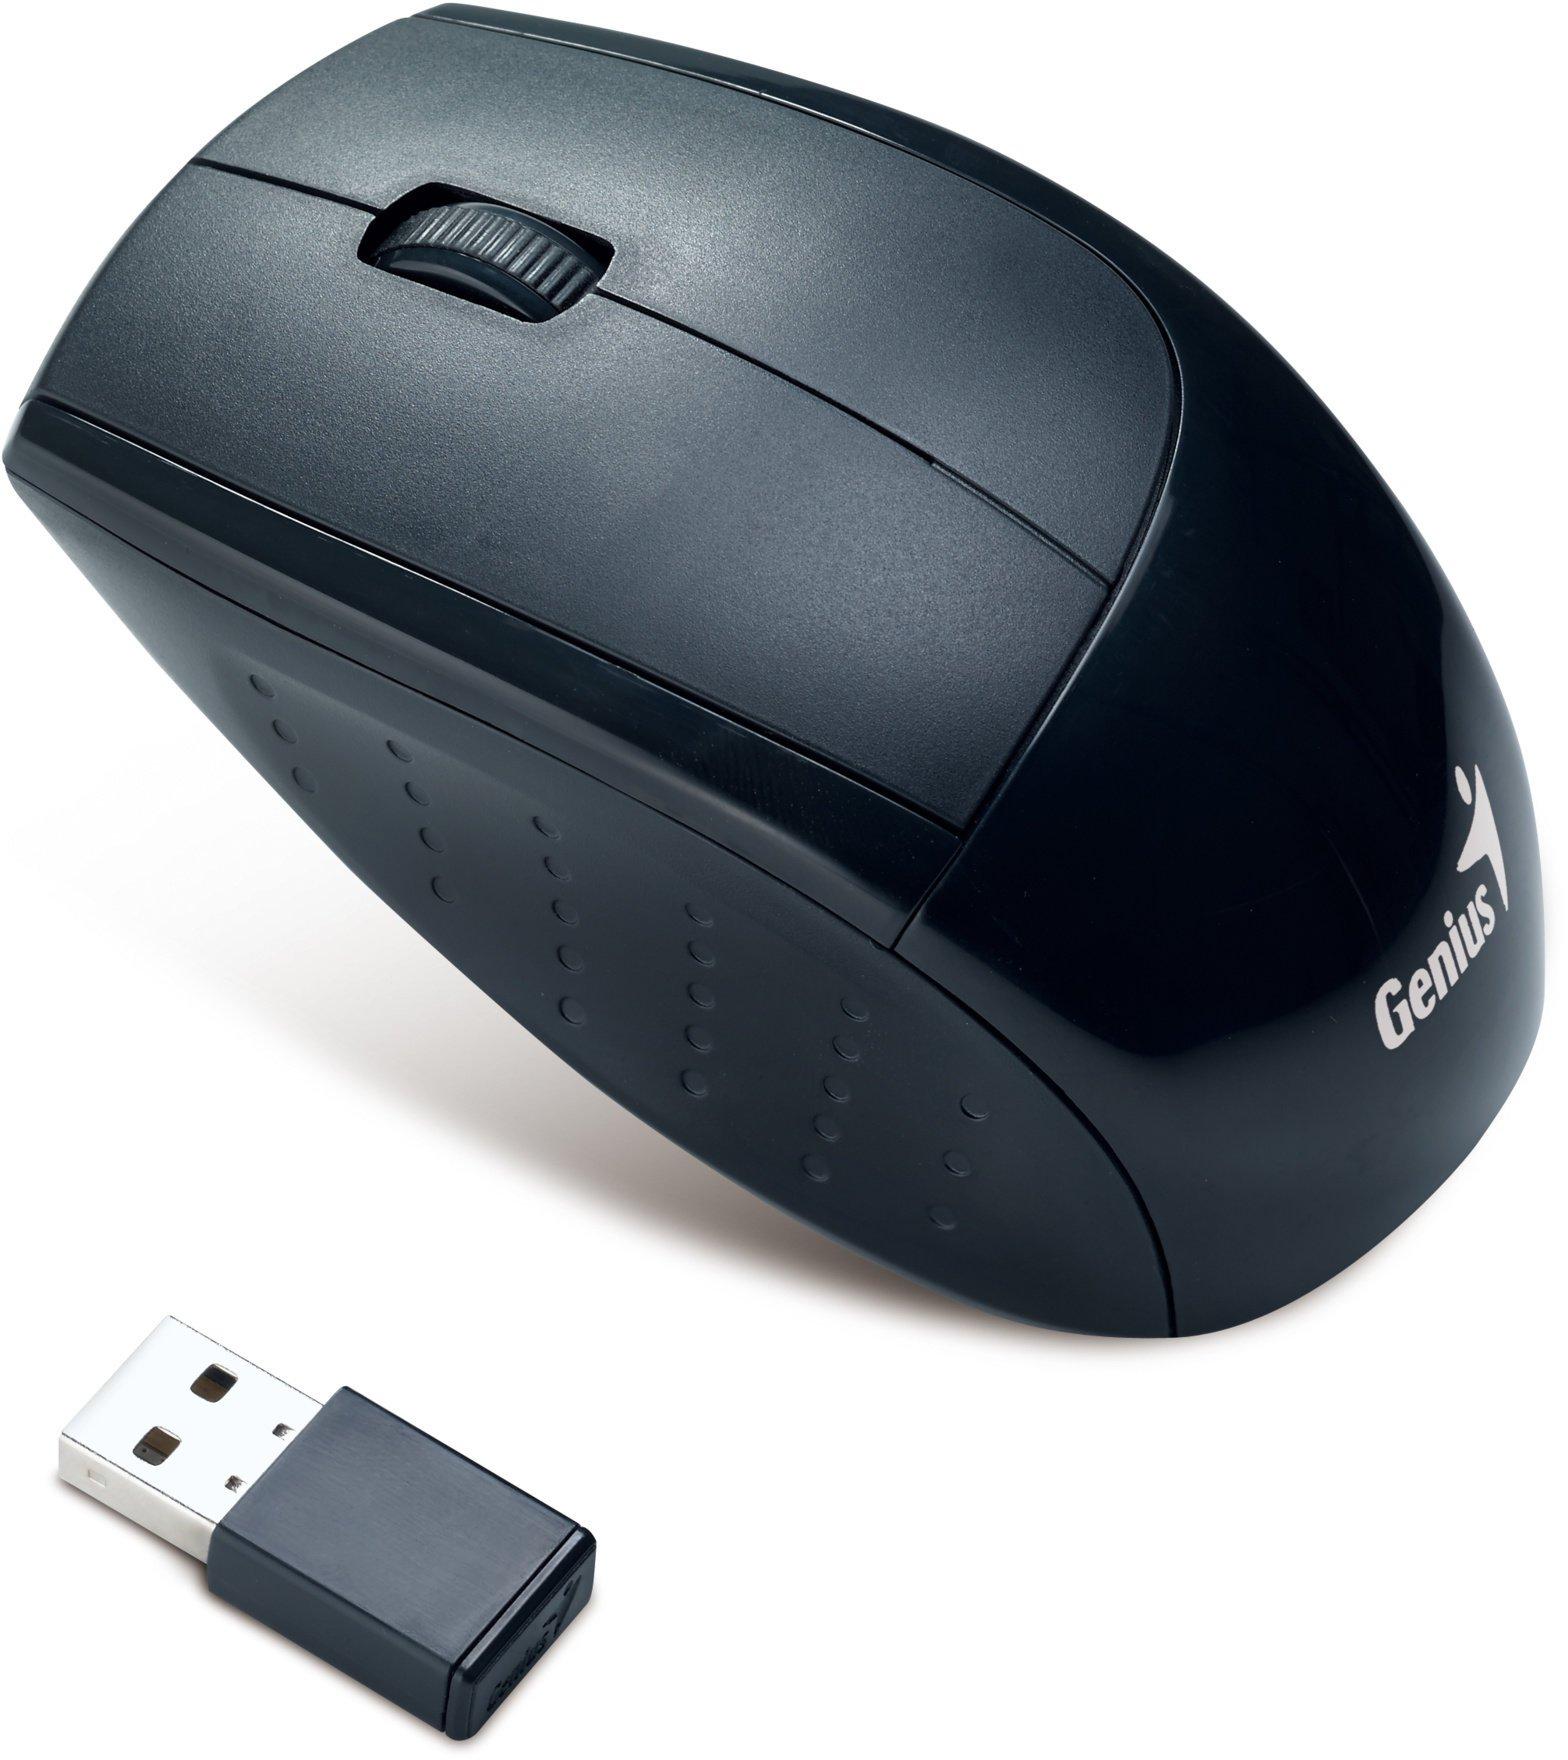 Genius KB-8000X